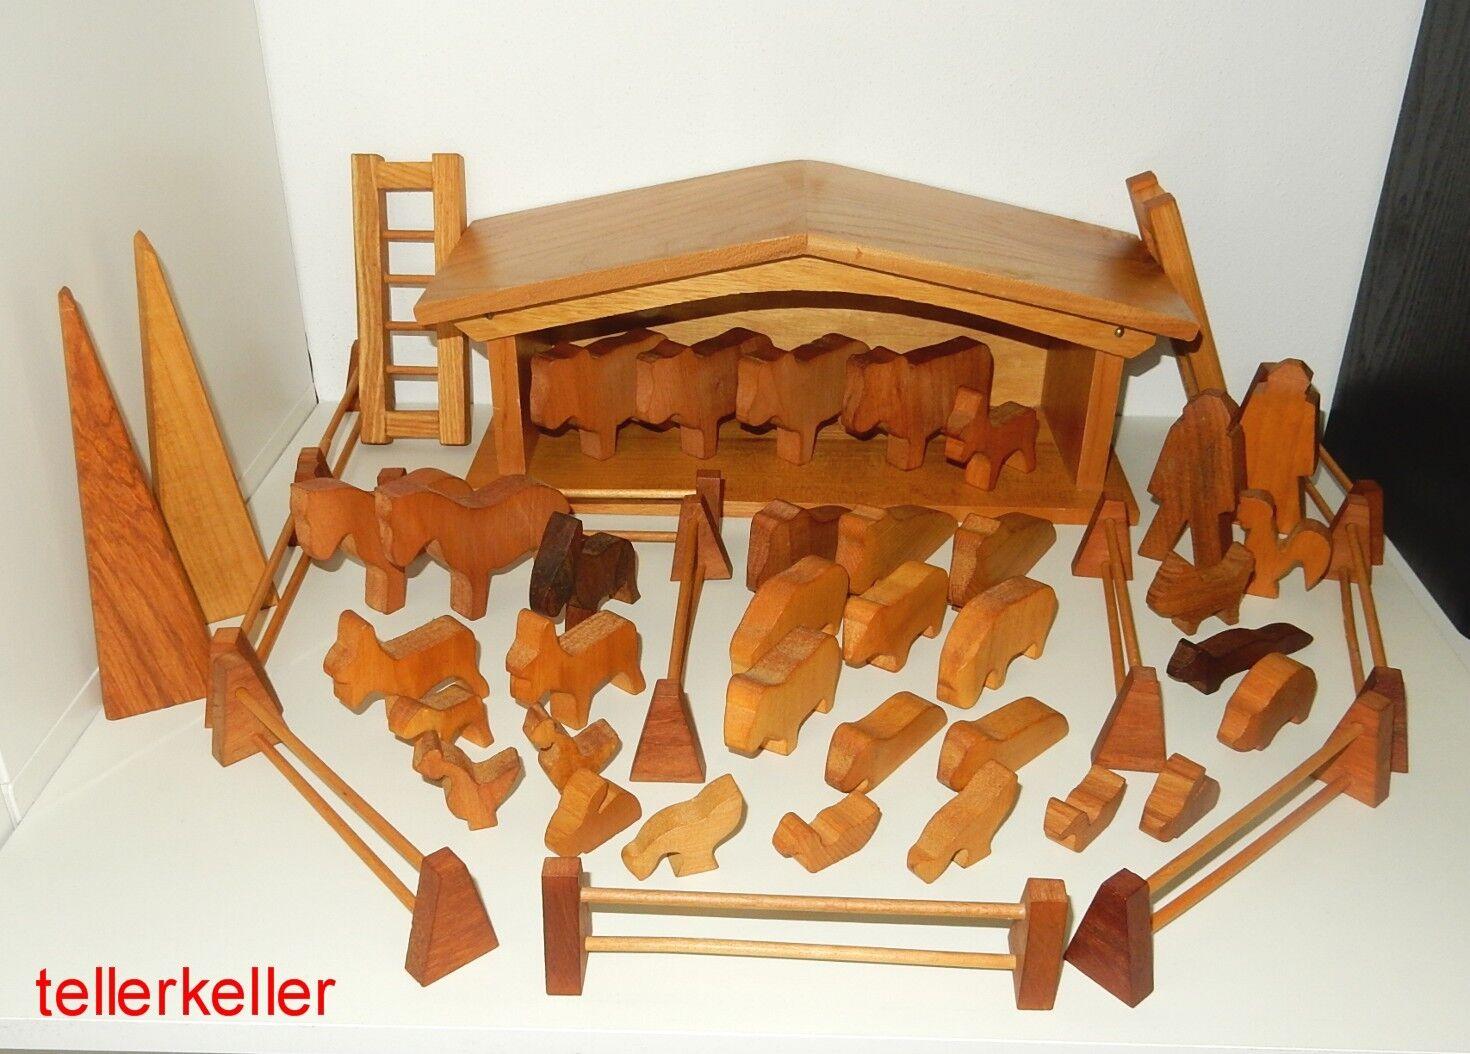 Loquai Bauernhof Holzspielzeug Gebäude Tiere Zaun Bauer Spiel gut Erzgebirge